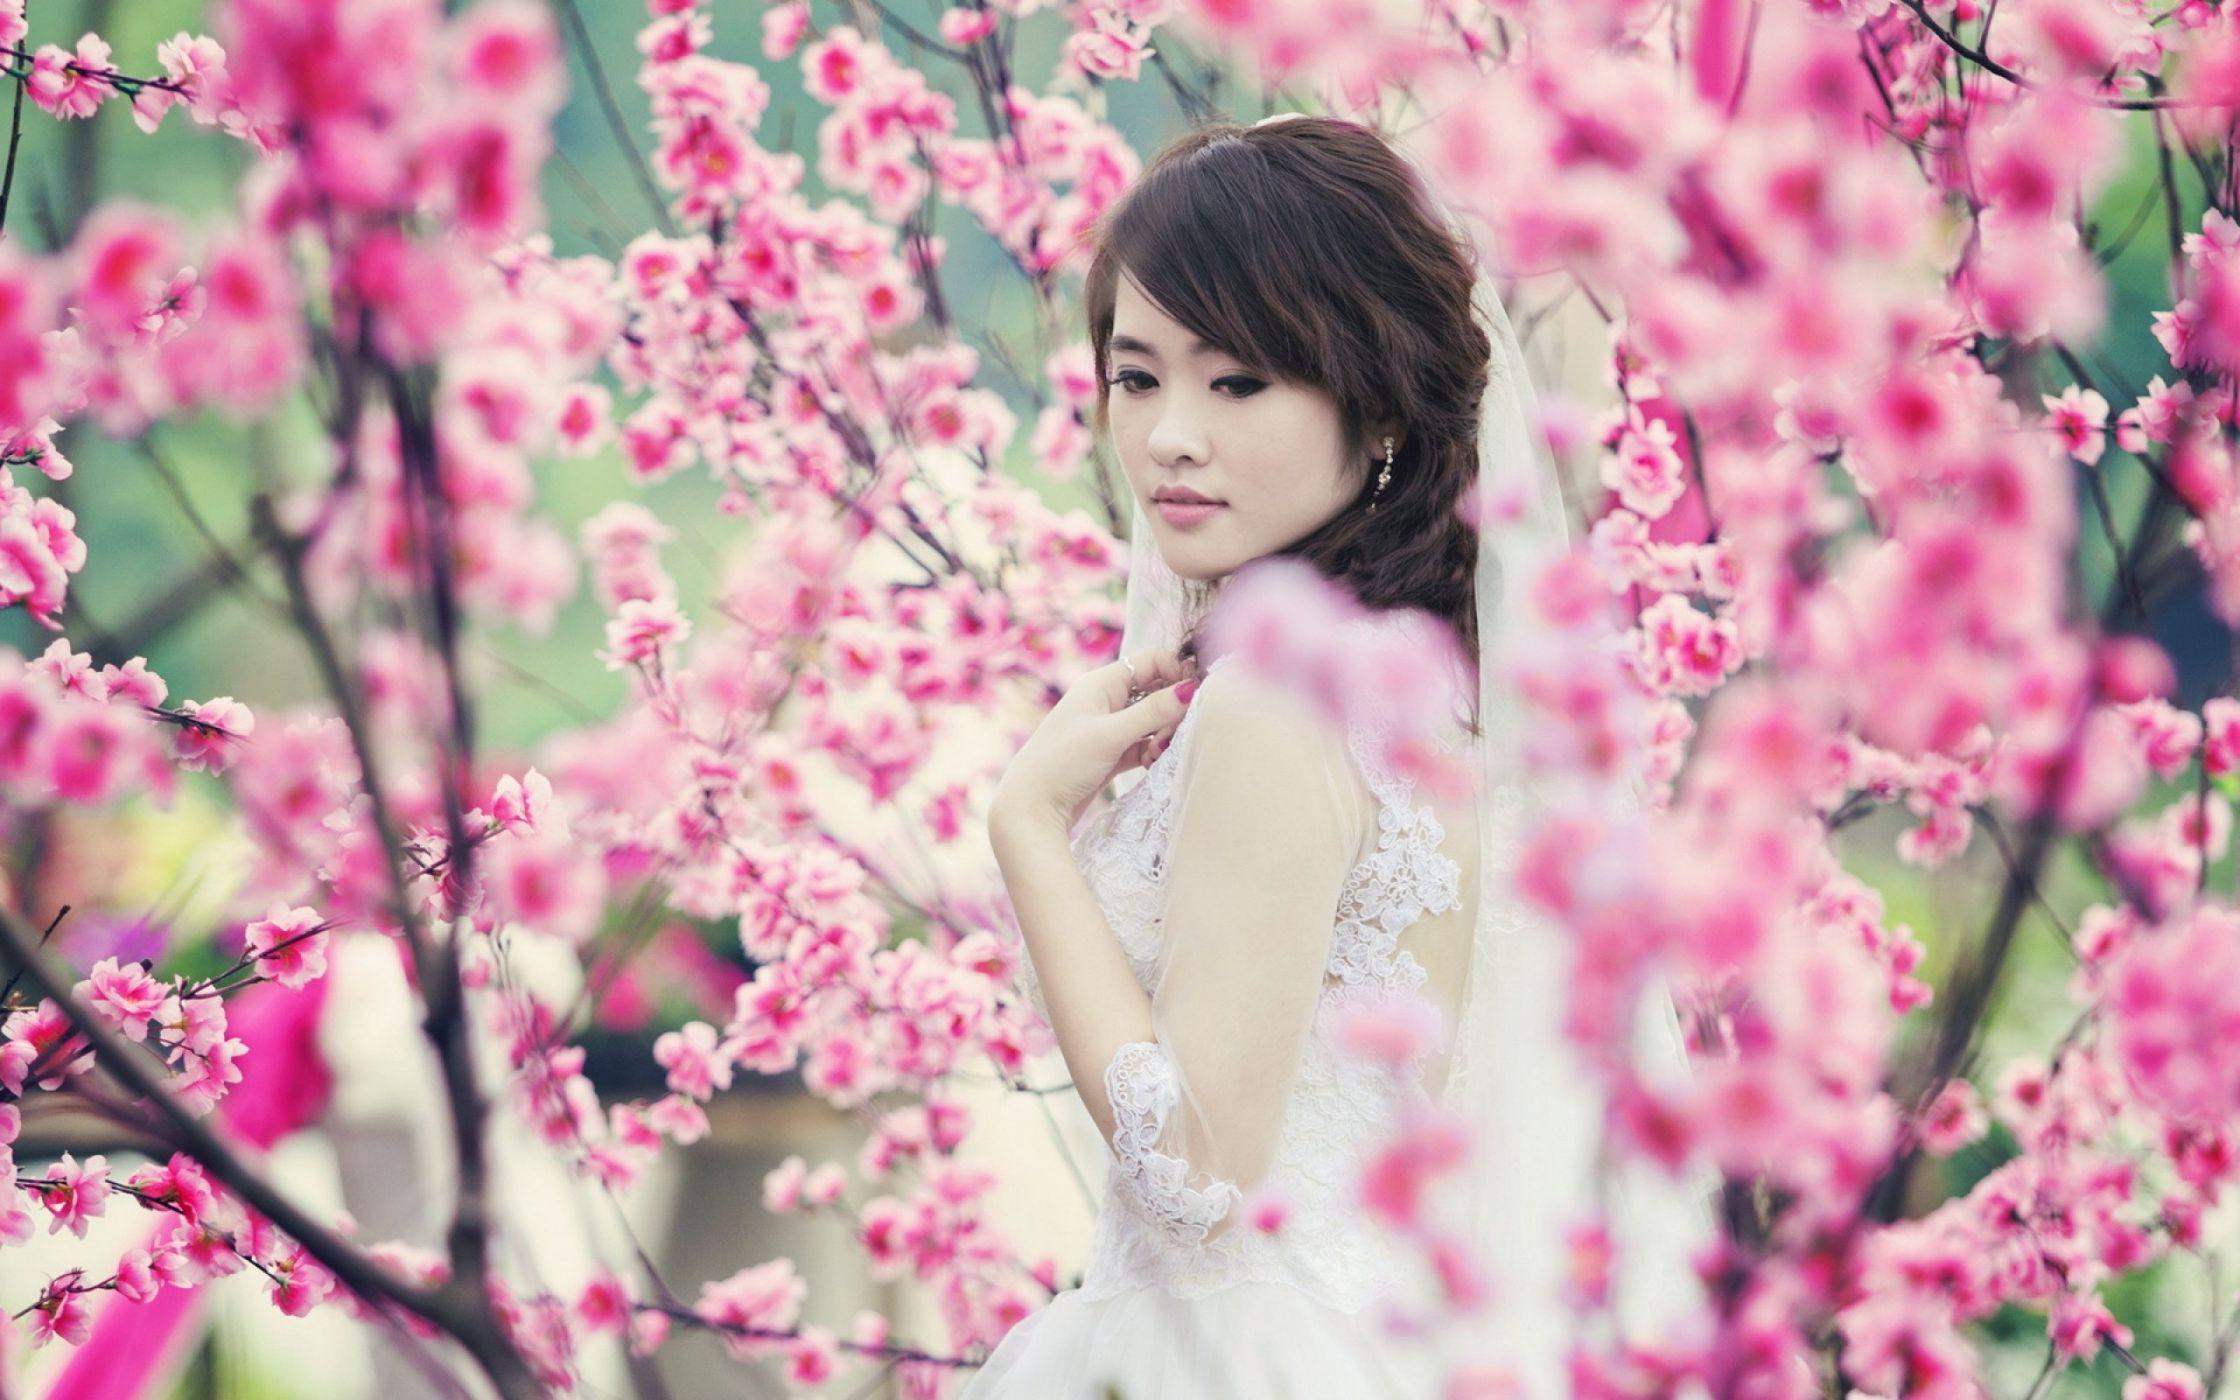 Фото китаянок красивых с цветами